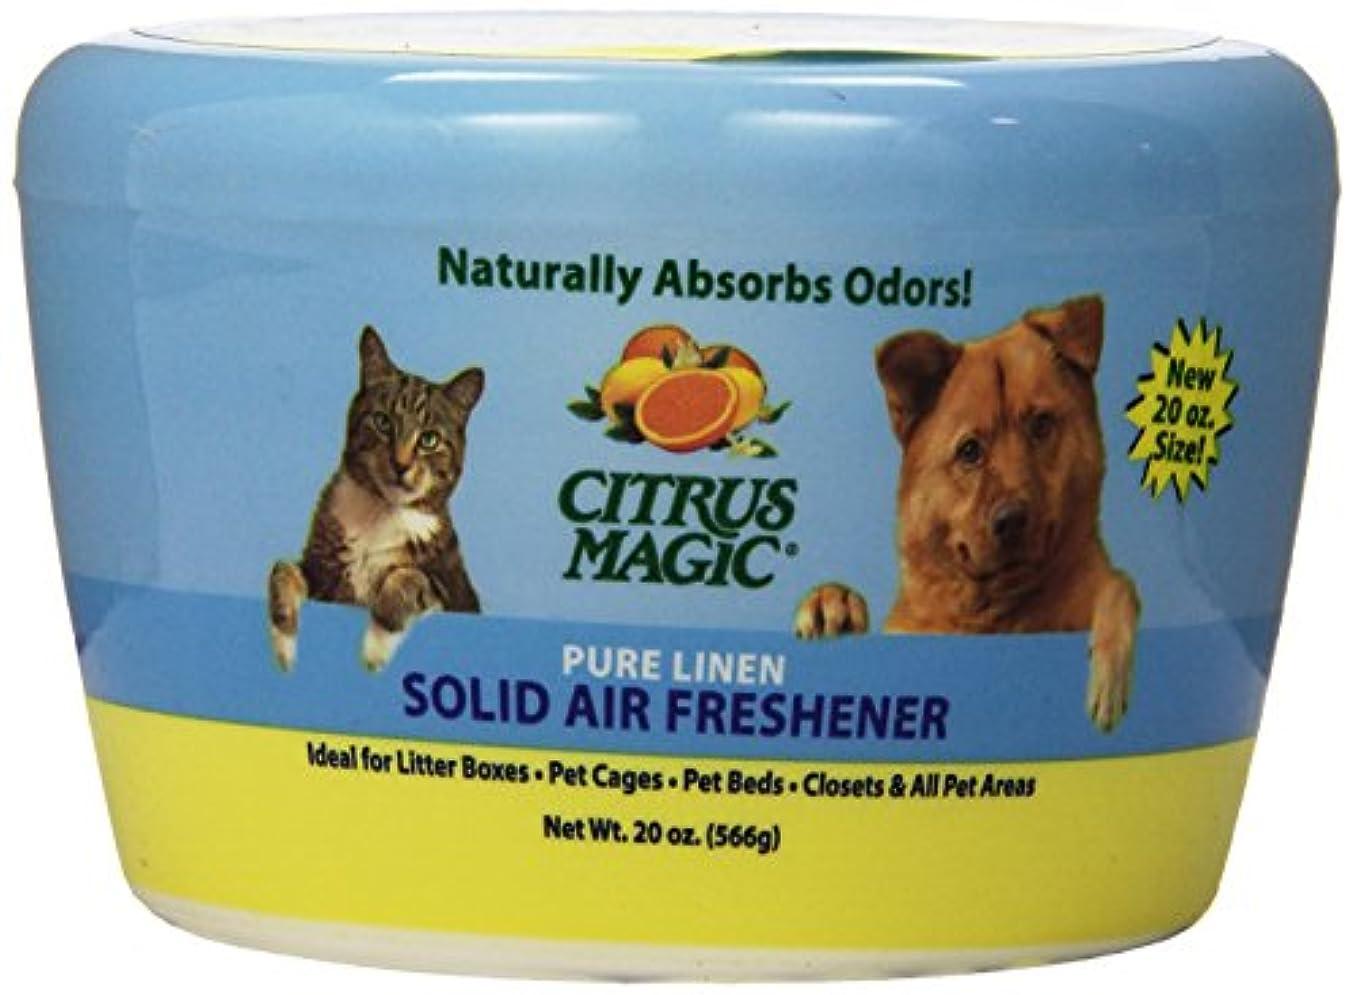 ハーブ叫ぶ甘味Citrus Magic - ペットPureの麻布を吸収する固体空気Freshenerの臭気 - 20ポンド